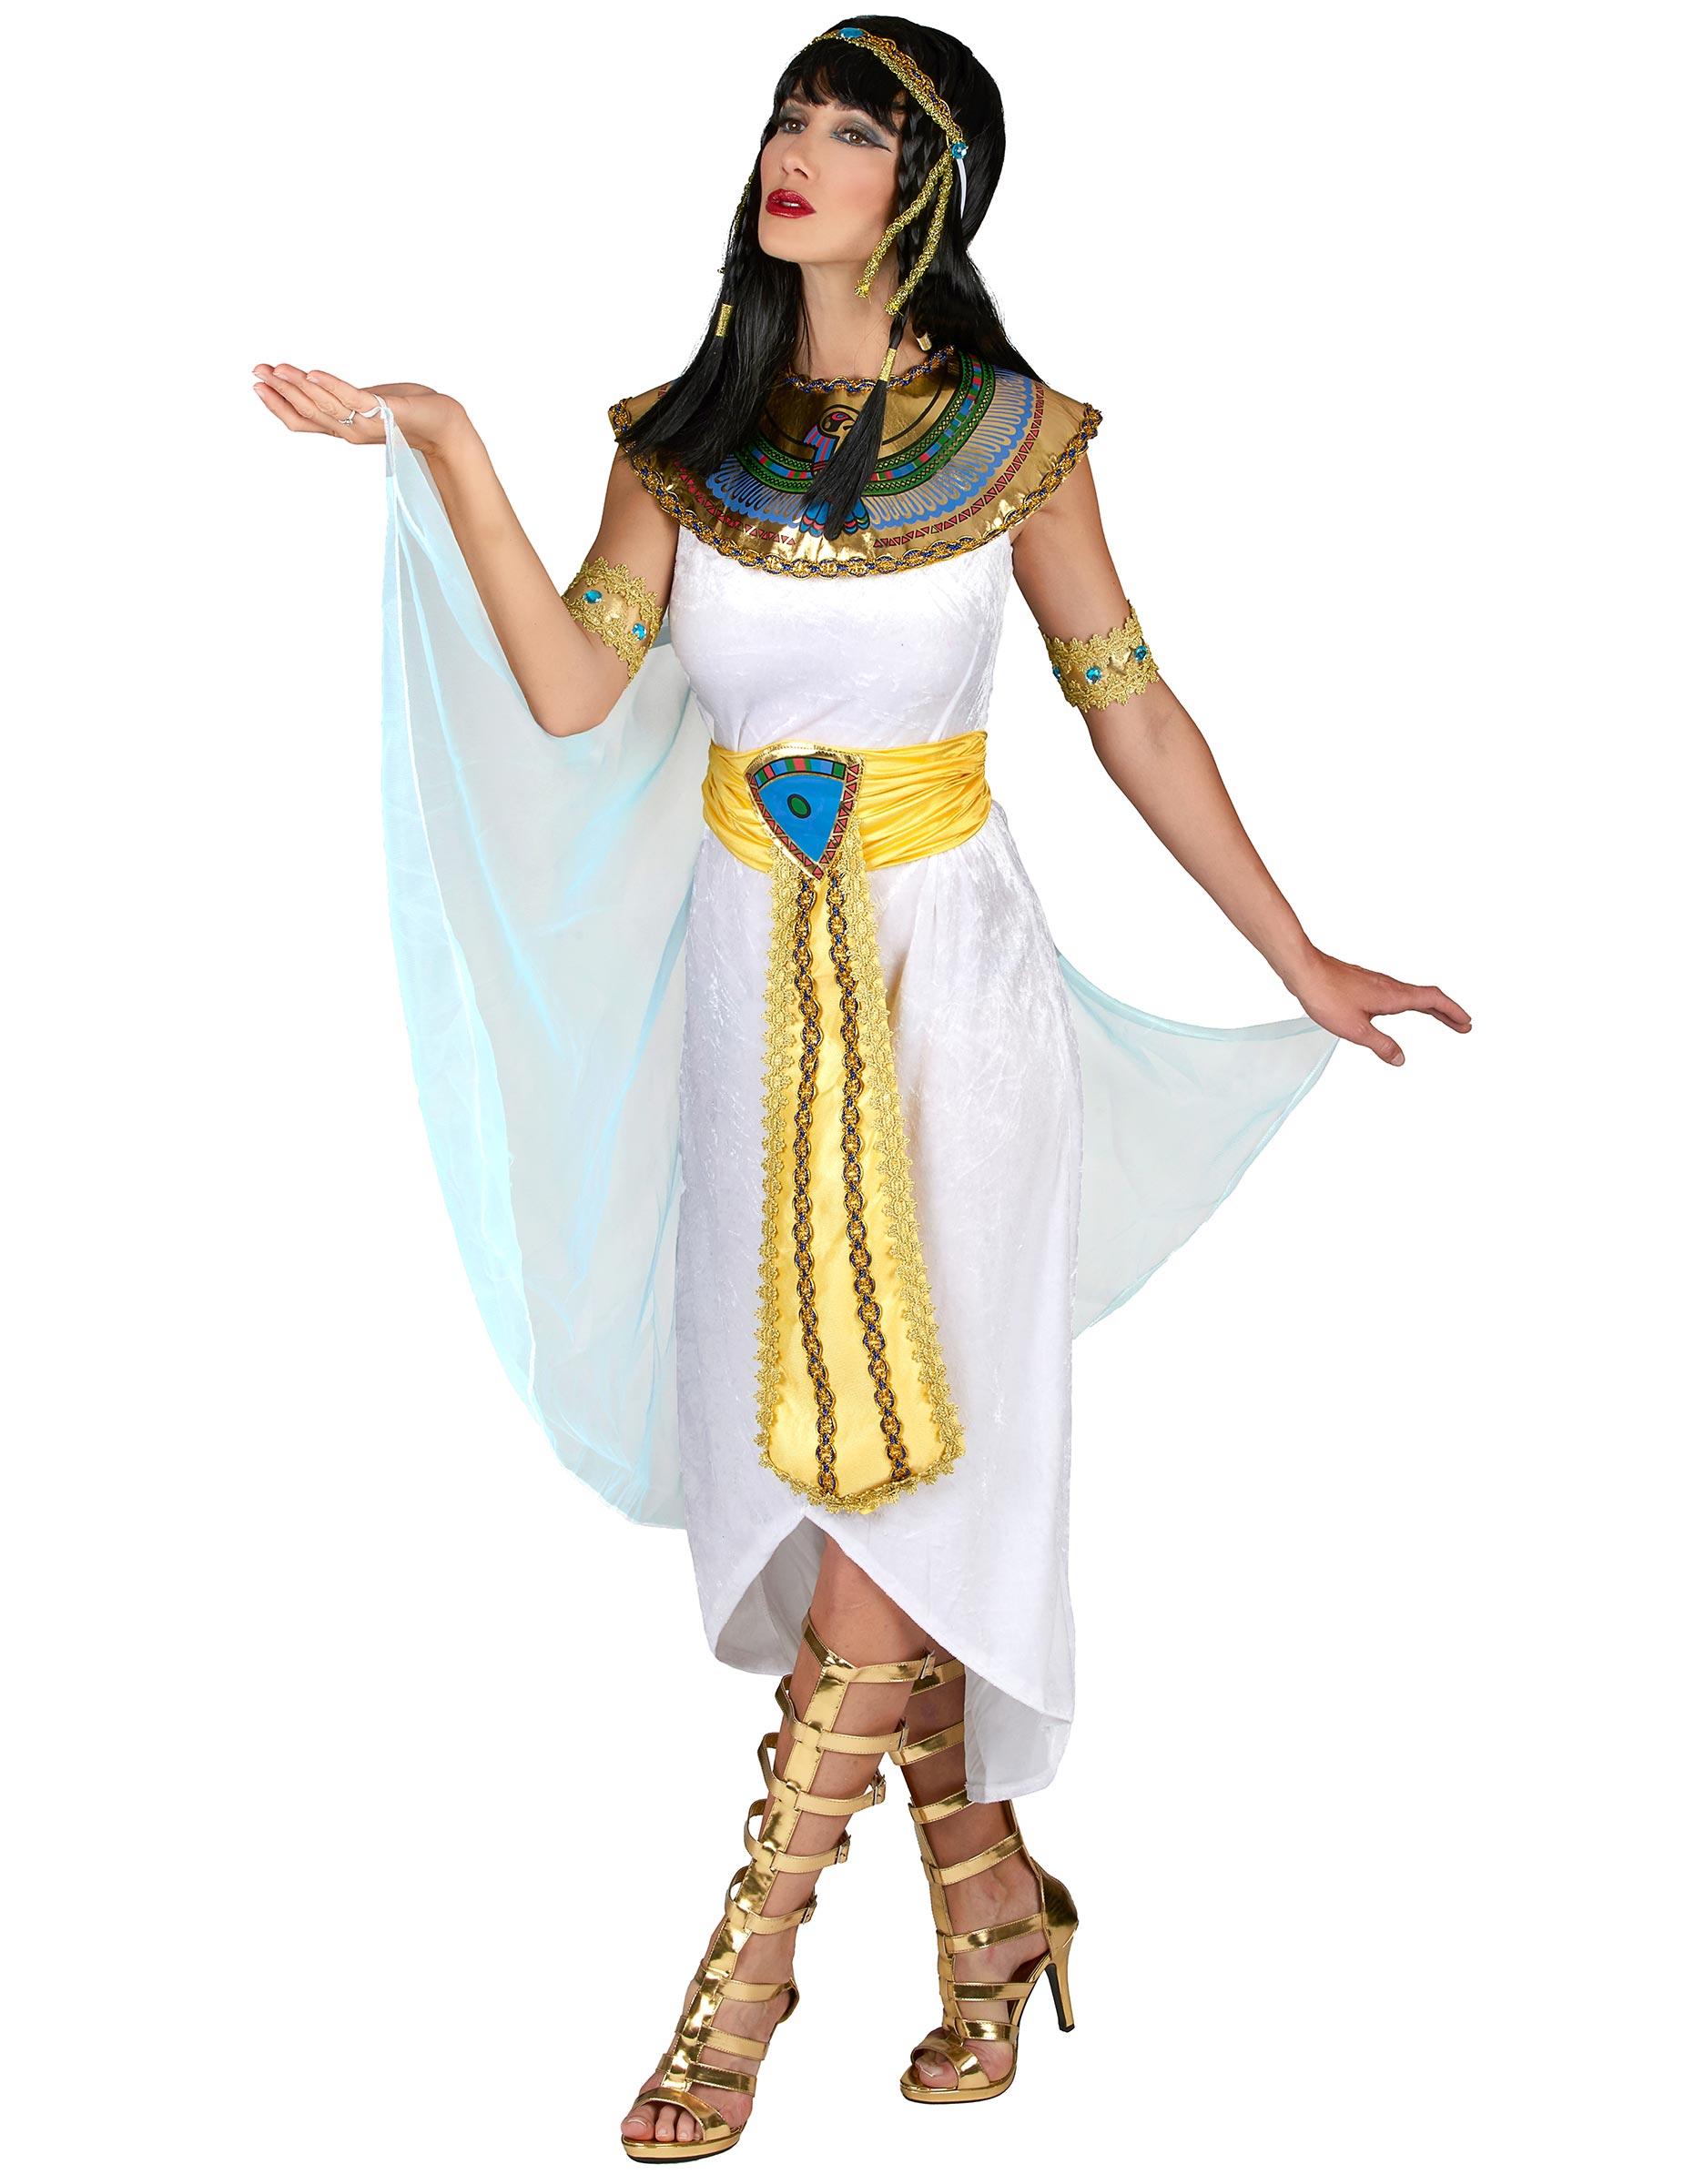 Simbolo egipcio de tomar y dar a su vez